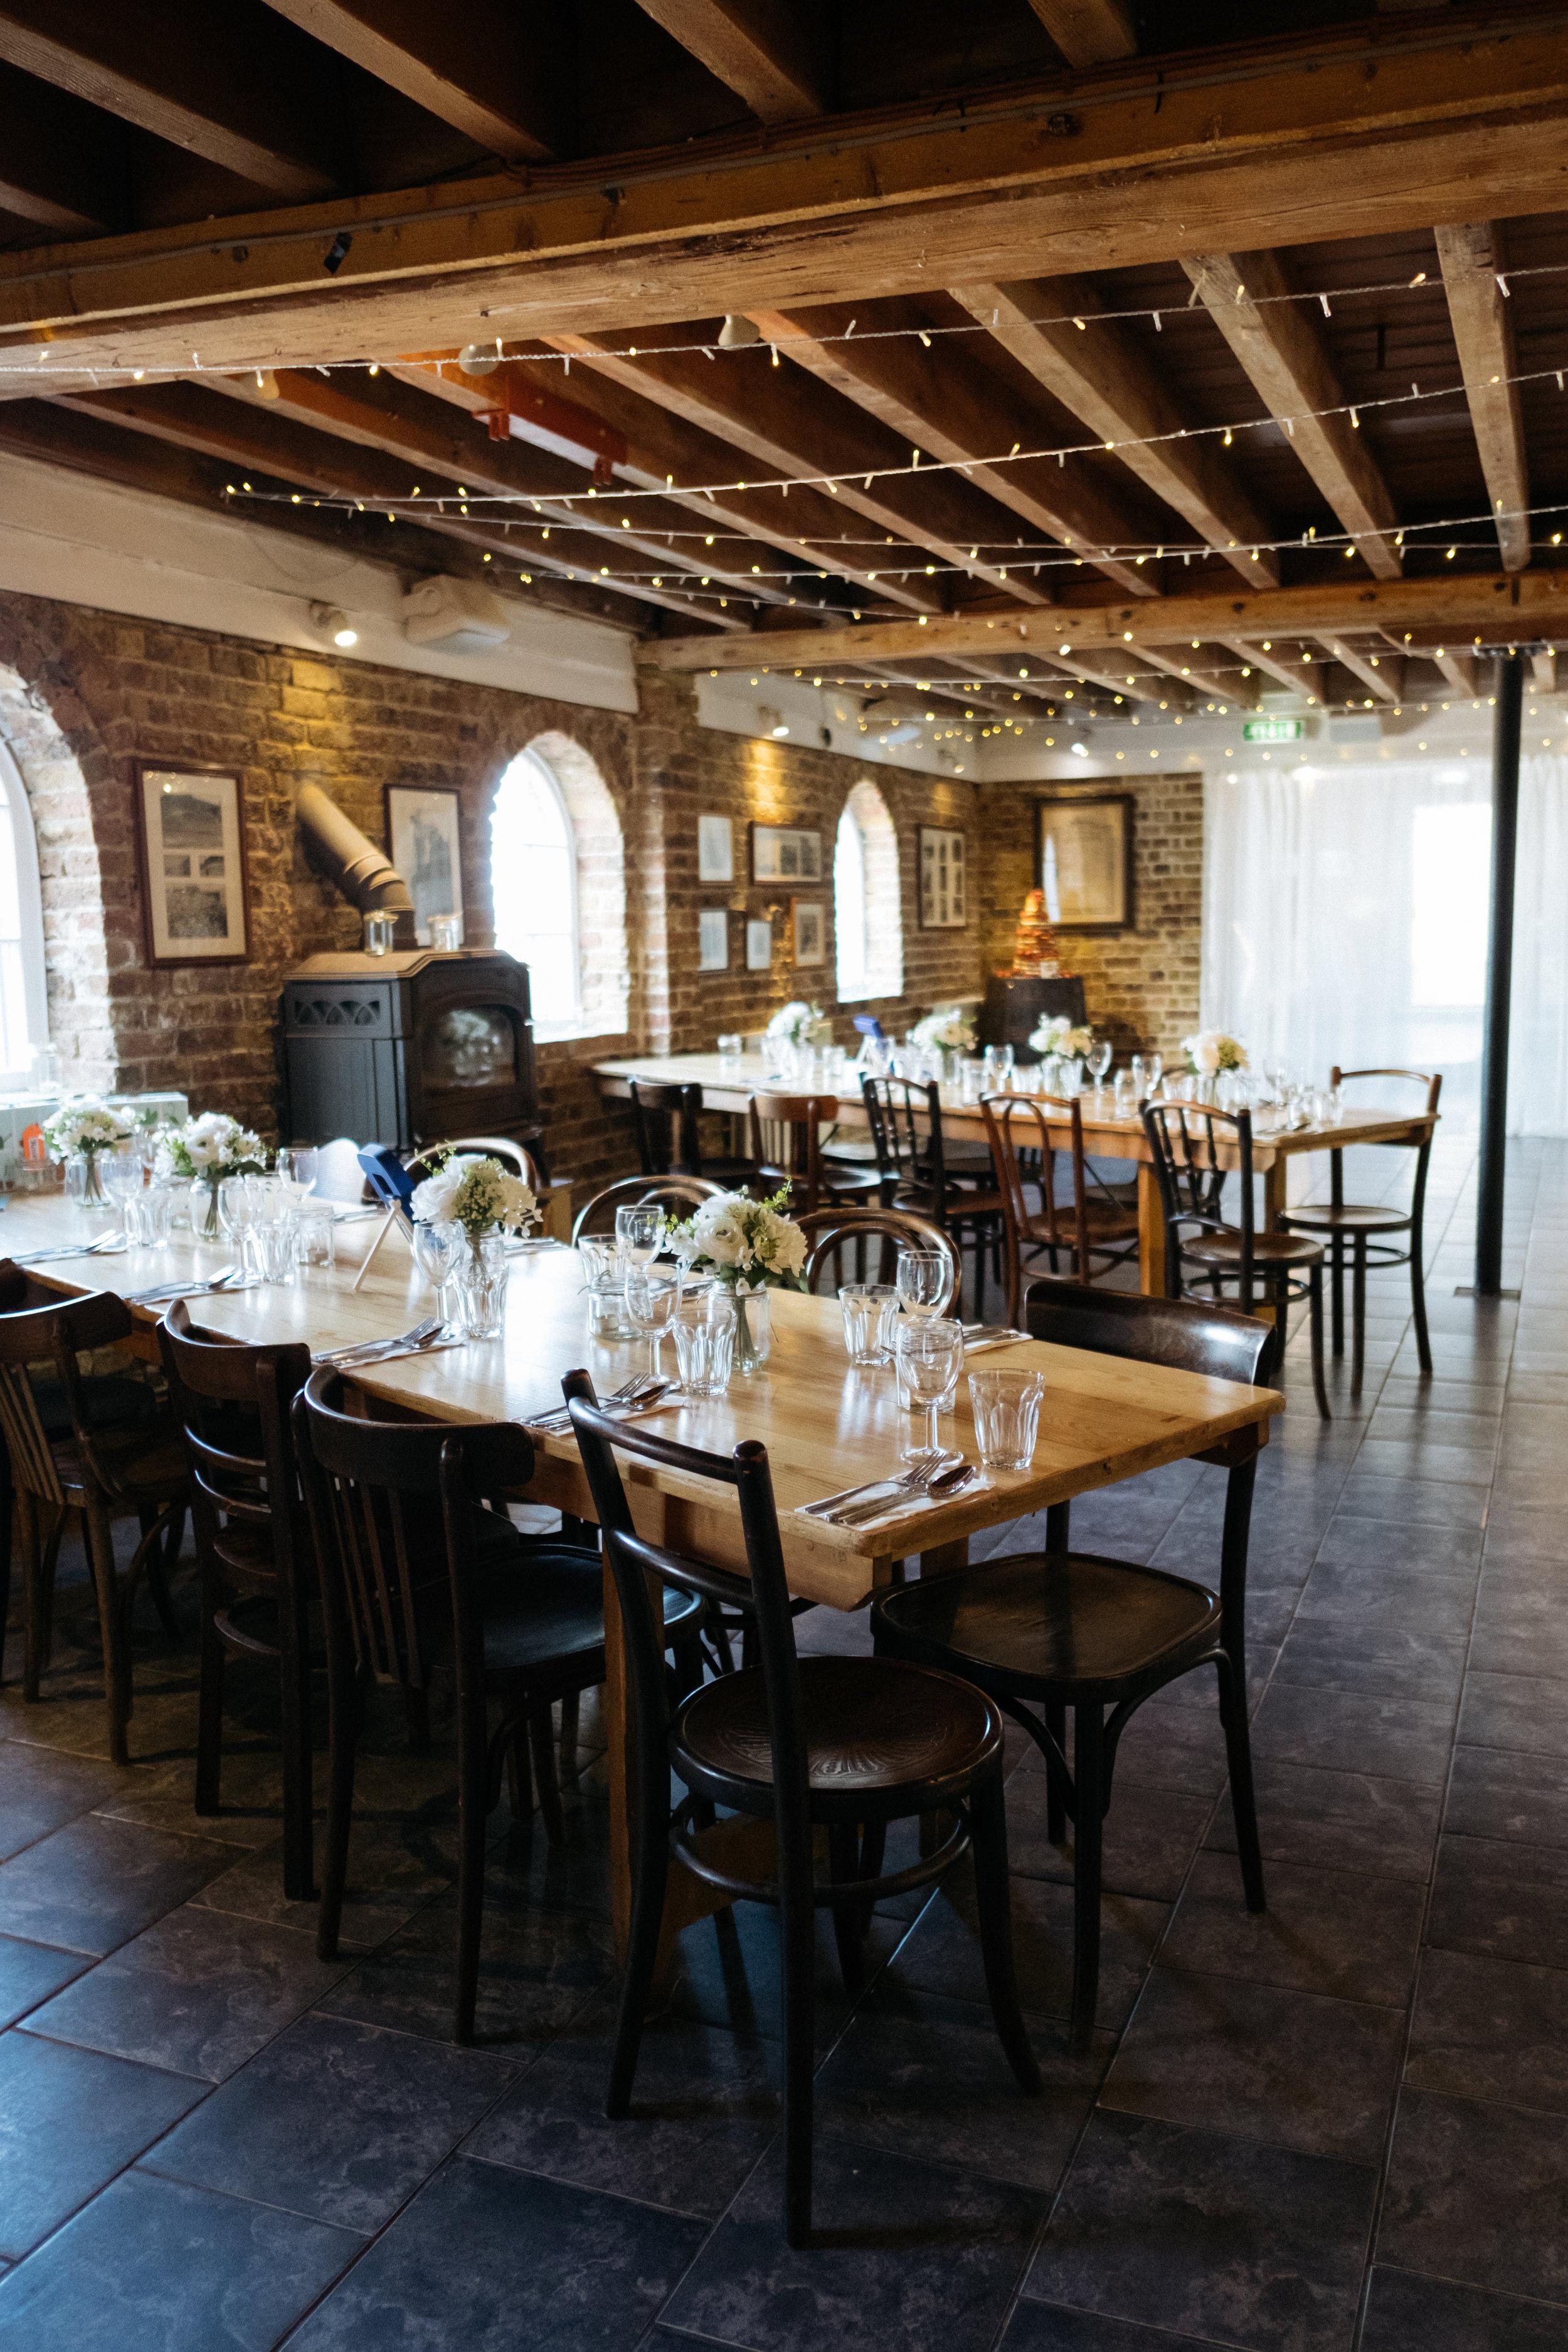 East Quay wedding venue decor